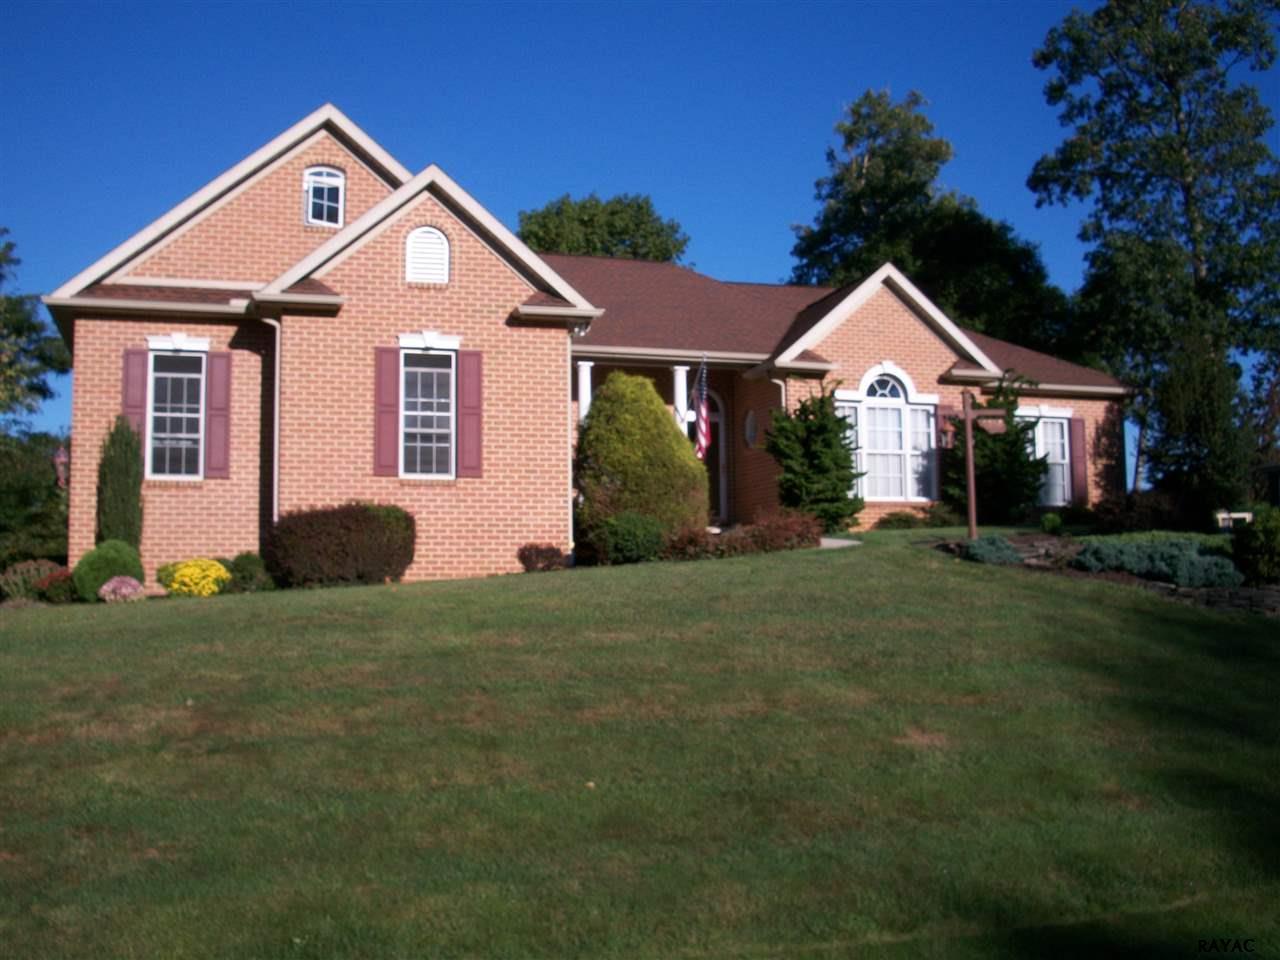 7050 Fairway Oaks, Fayetteville, PA 17222